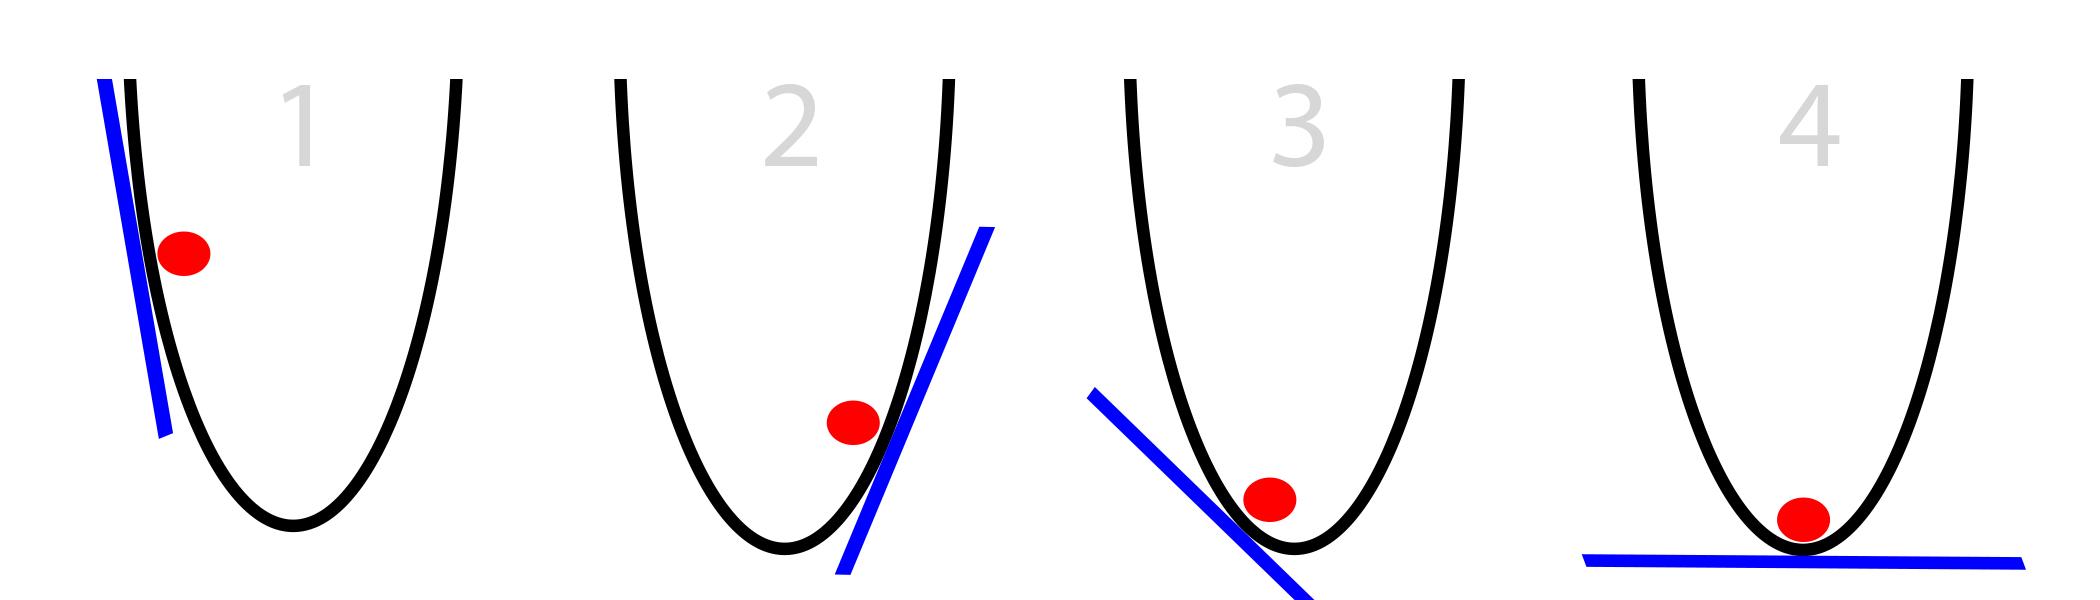 2 次関数における最急降下法